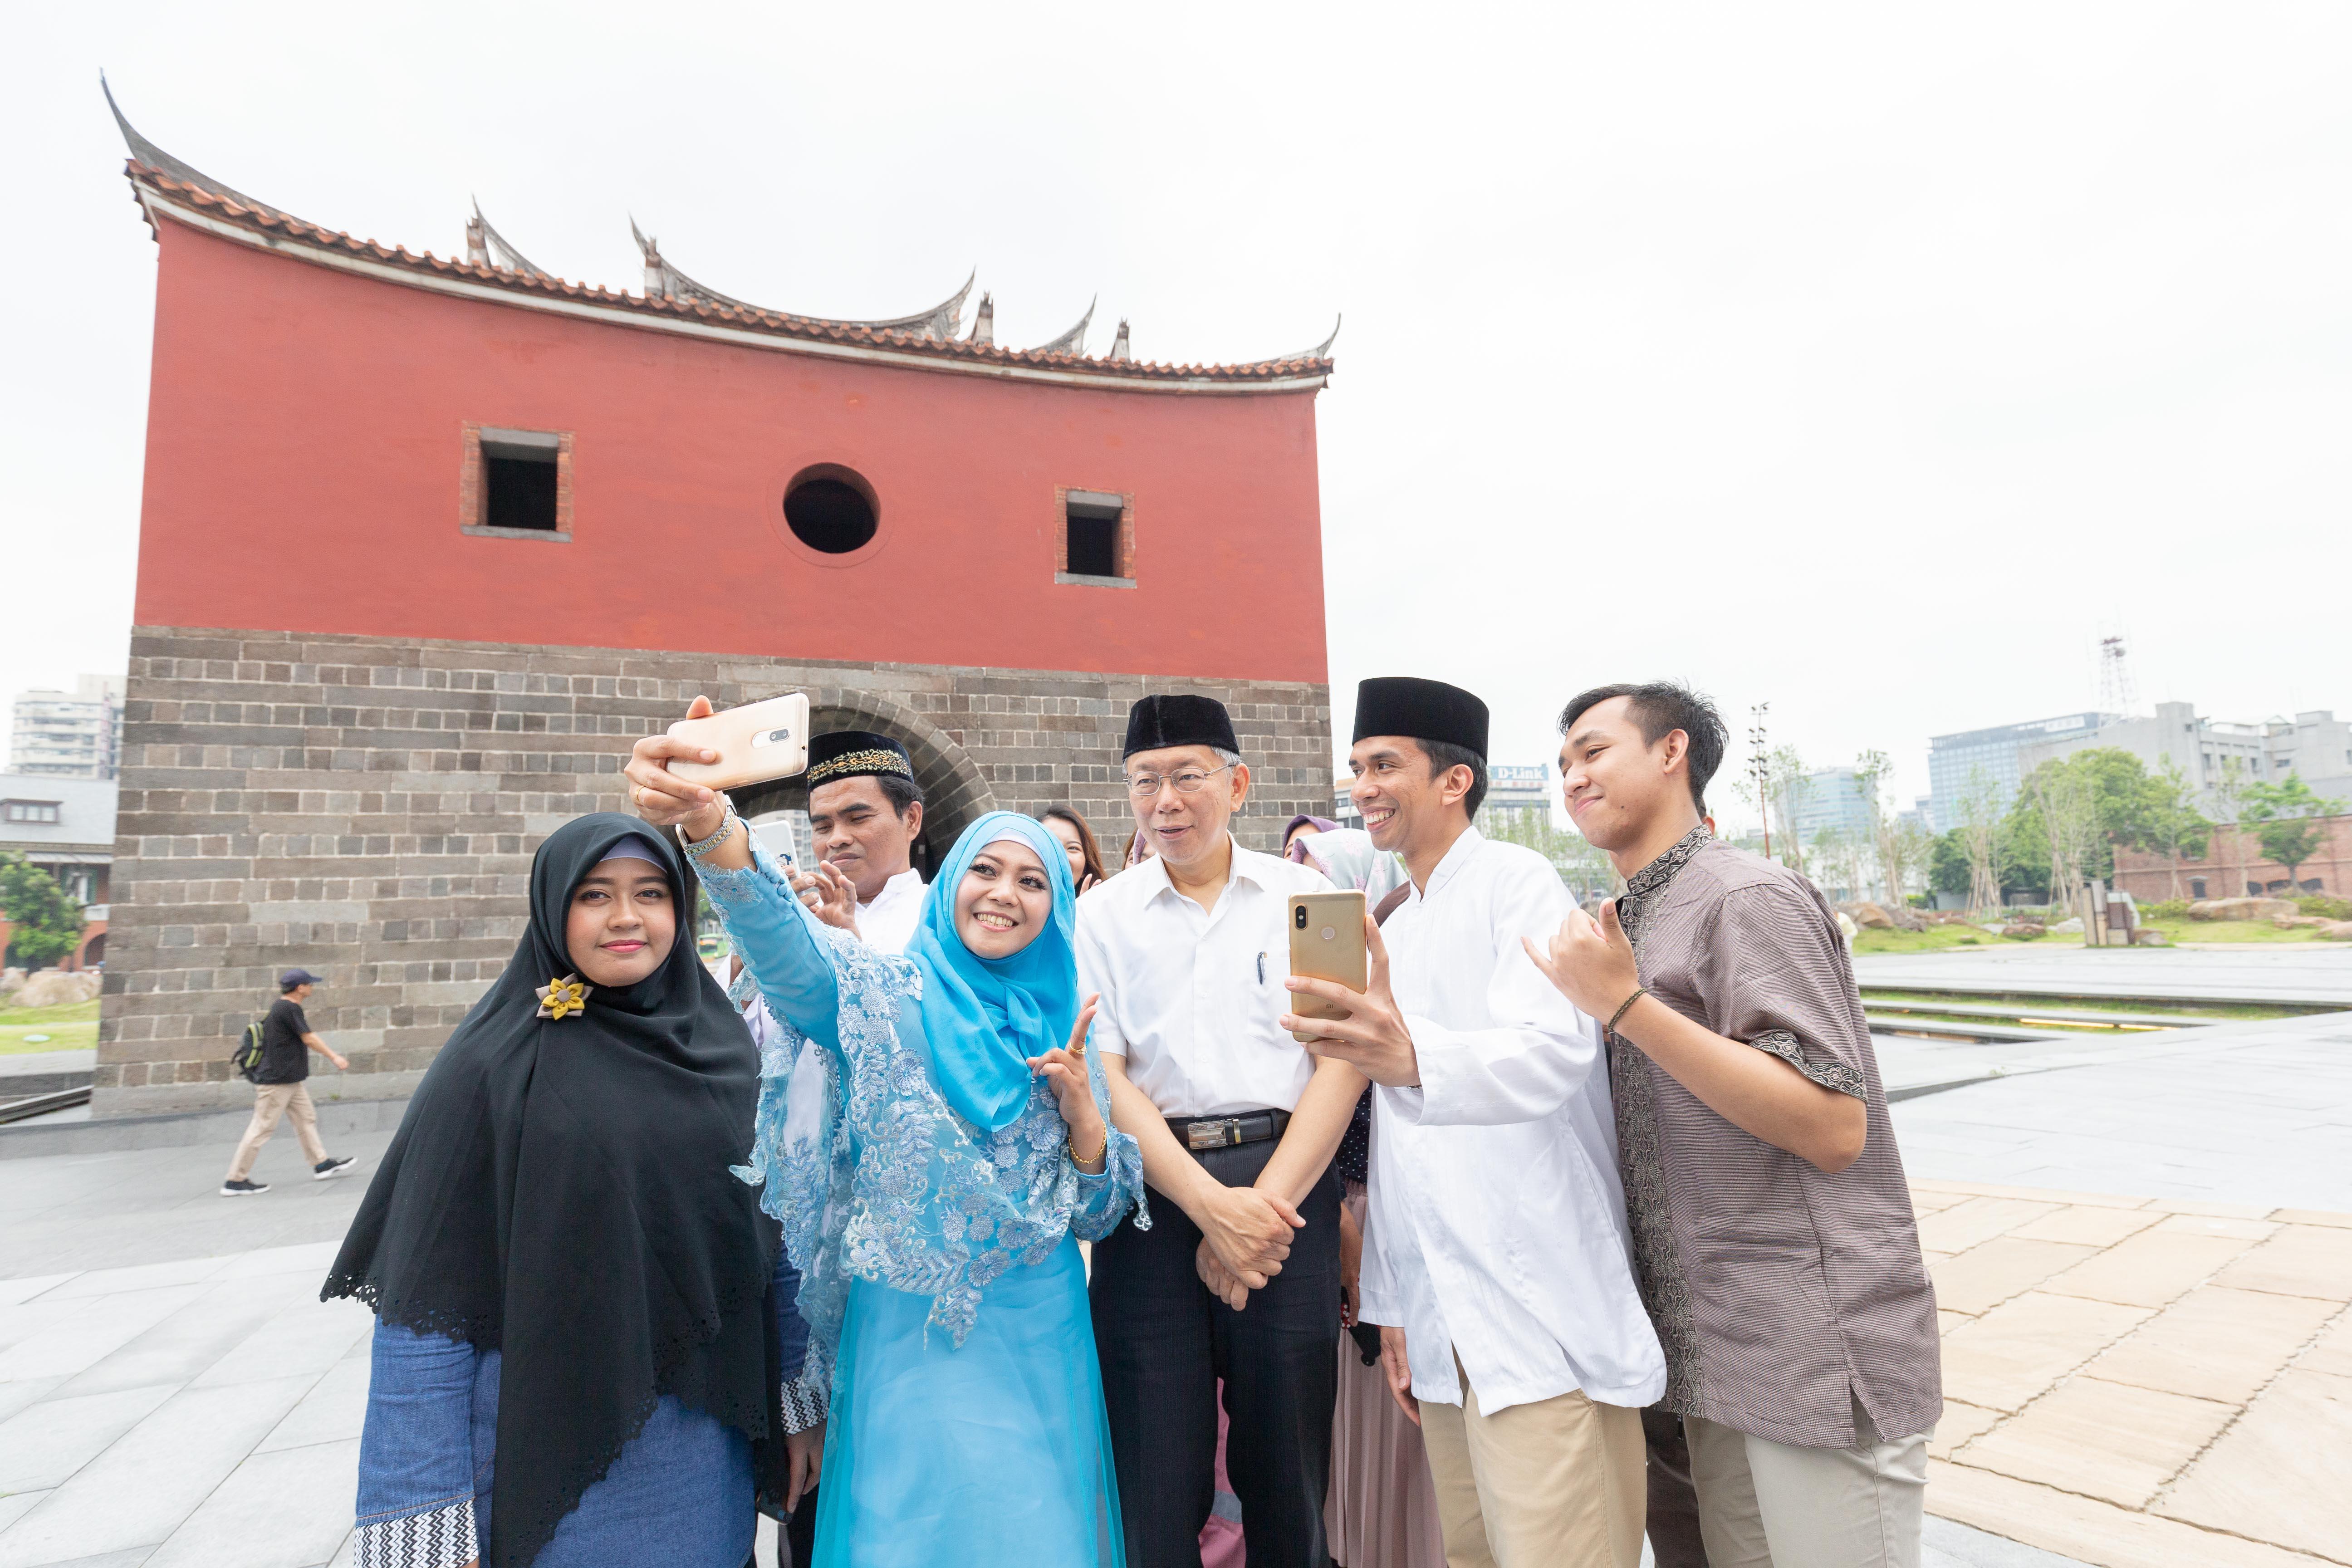 臺北市長柯文哲自備穆斯林的Peci帽,與穆斯林演員開心合照